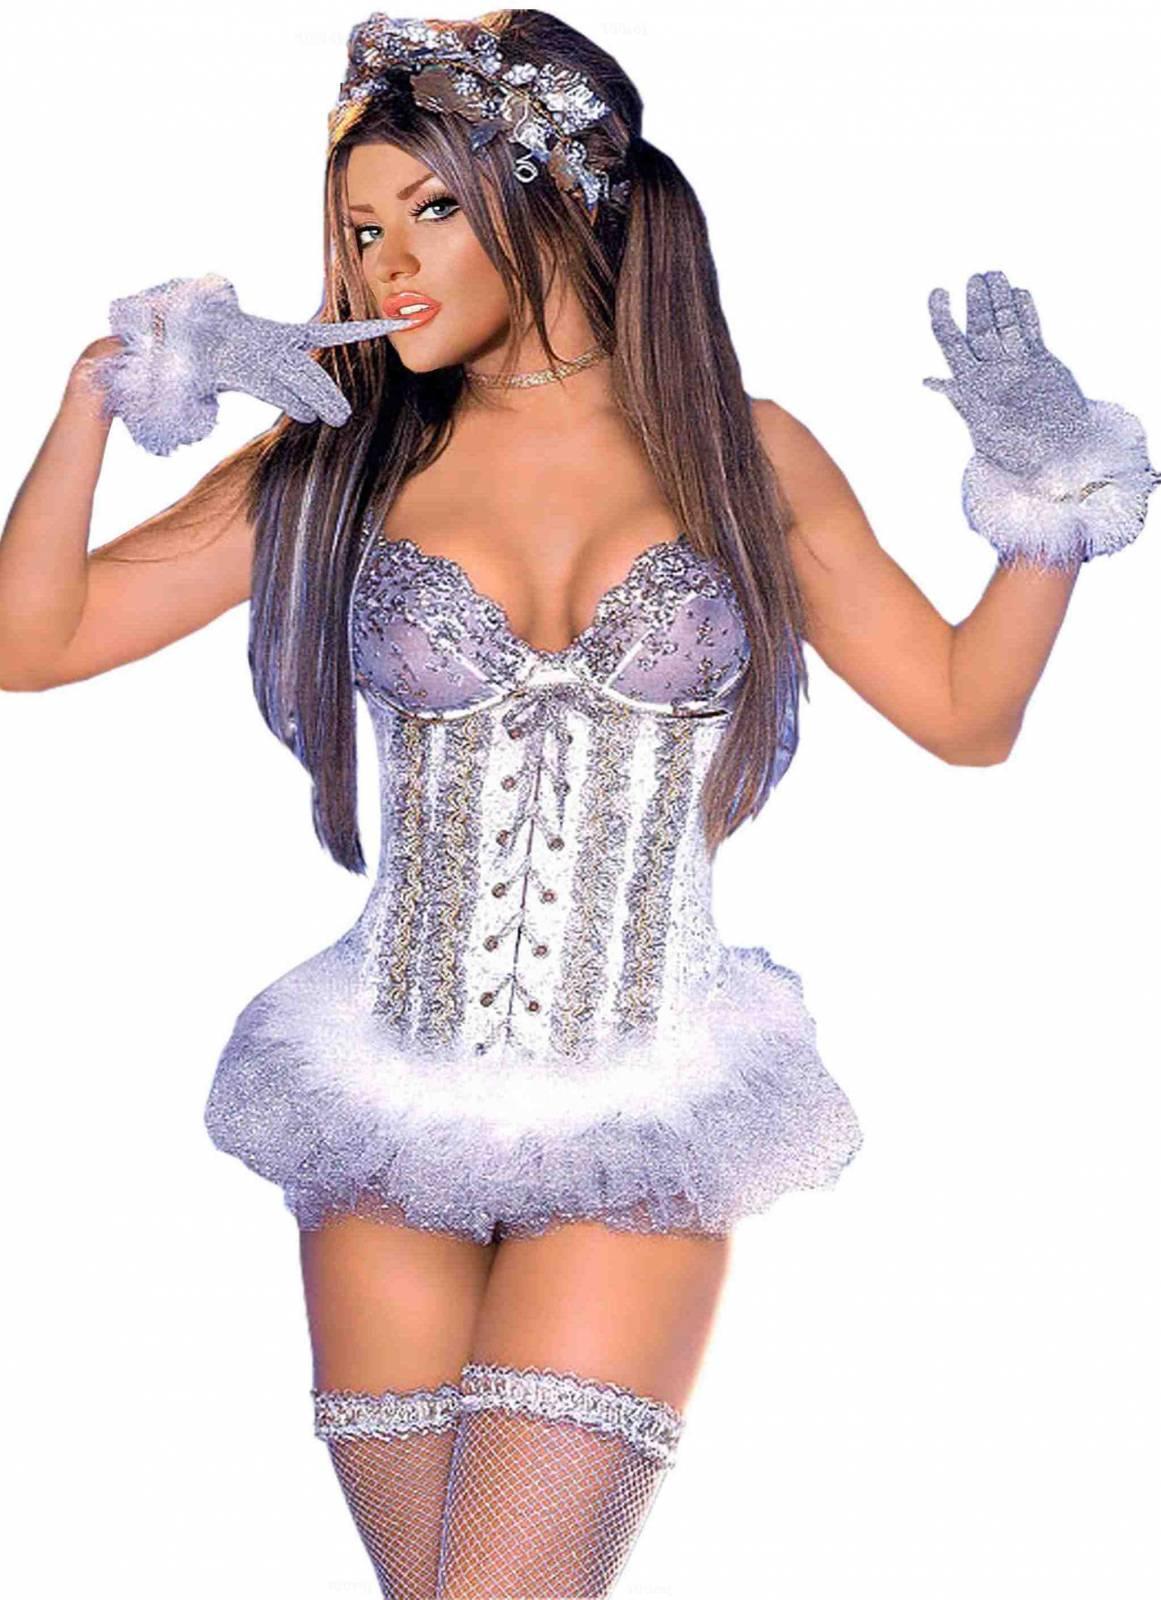 Порно снегурочка  Сексуальные снегурочки фото Единая